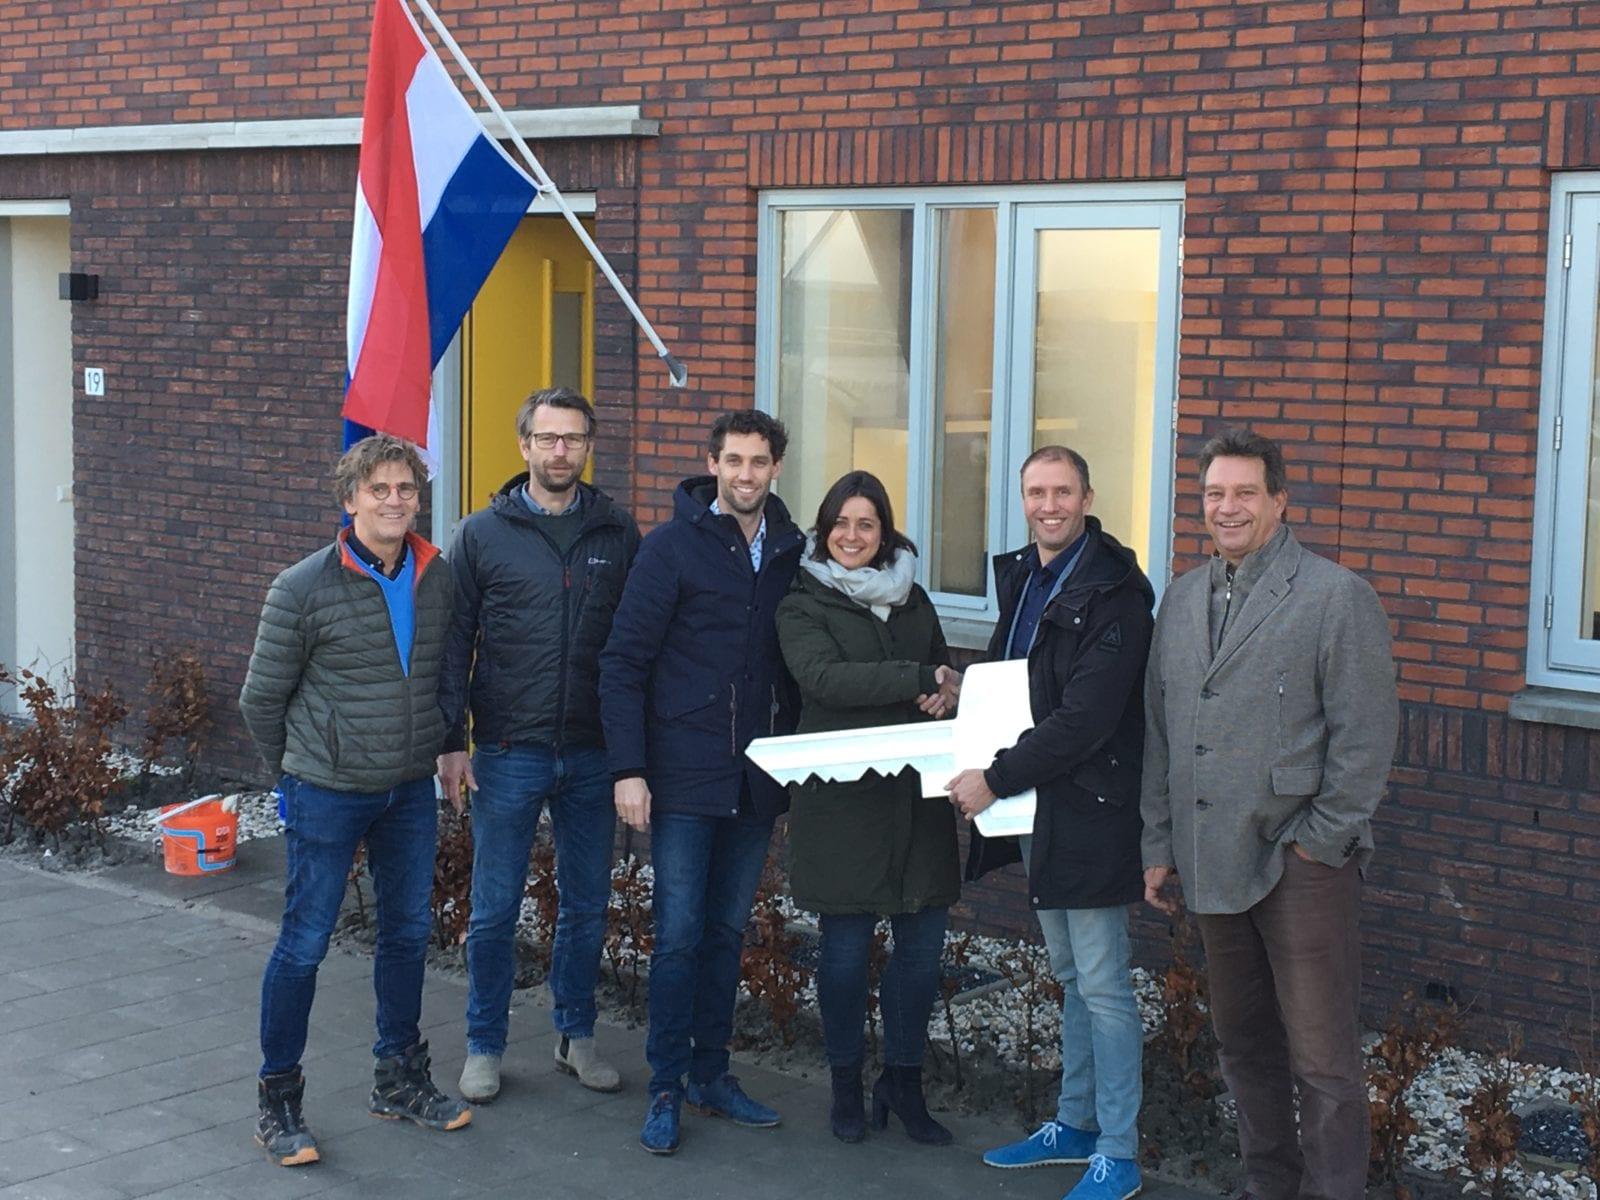 Oplevering huurwoningen Opmeer voor één van de groenste woningfondsen van Nederland